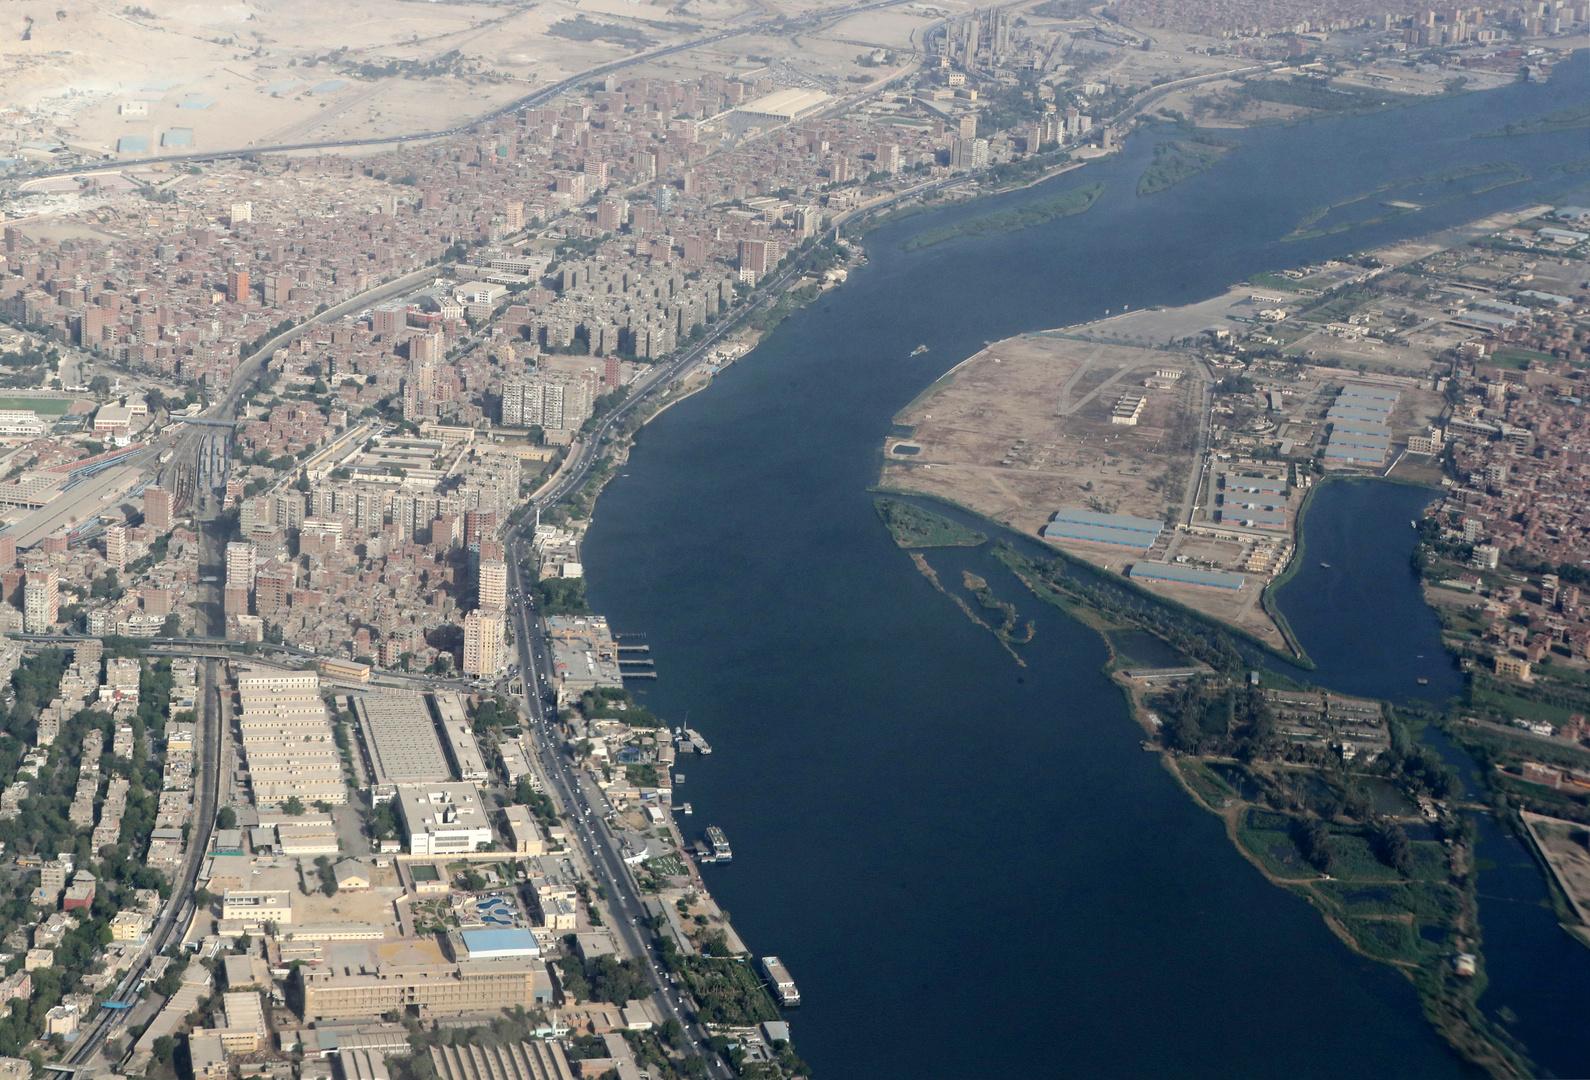 مصر.. البرلمان يصدر قانونا جديدا بشأن المياه في البلاد